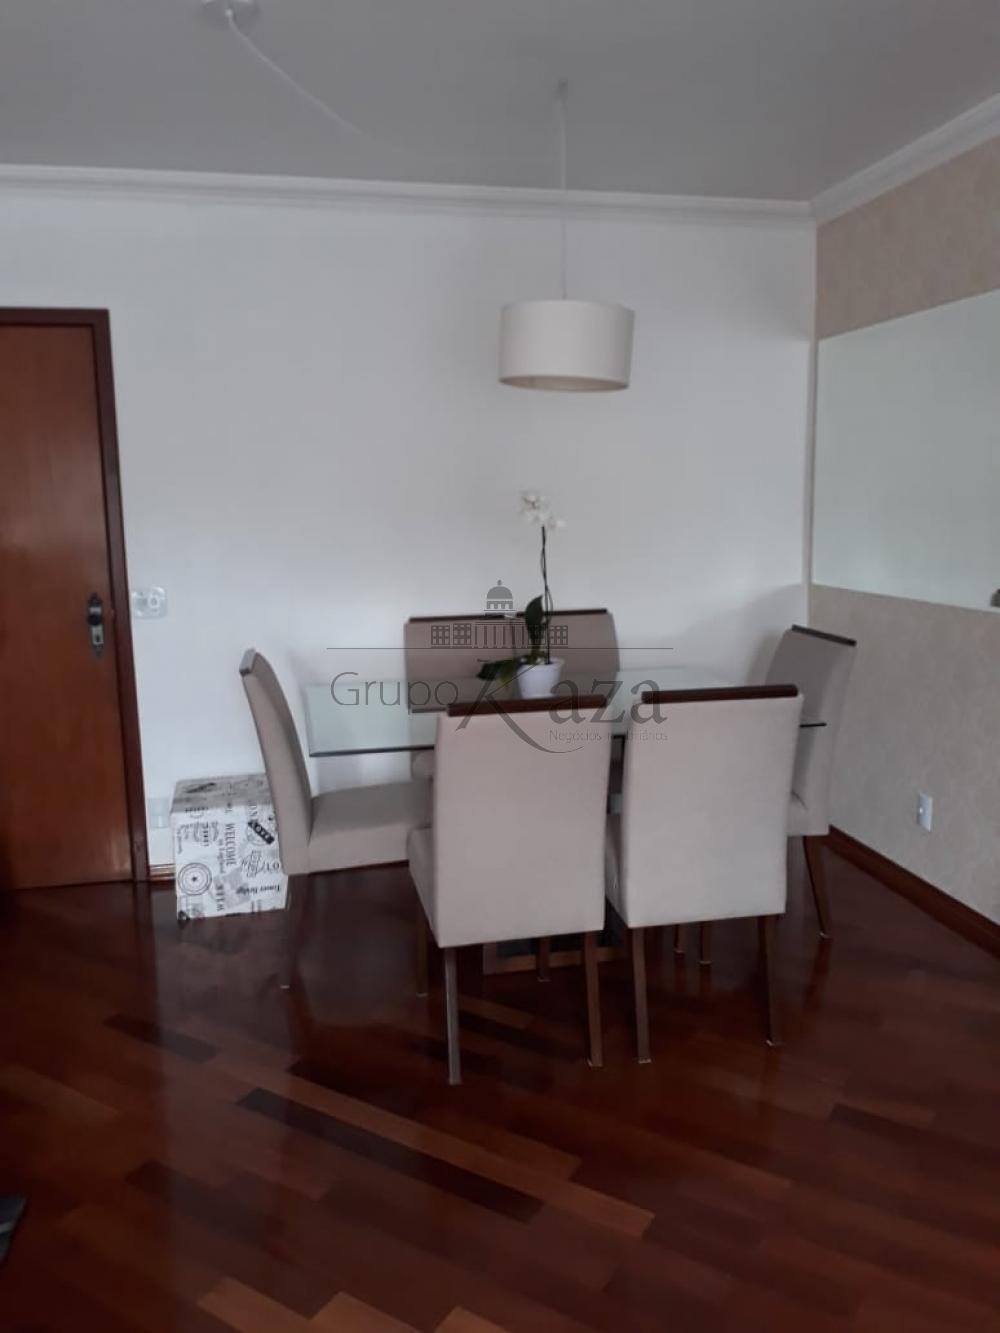 alt='Comprar Apartamento / Padrão em São José dos Campos R$ 415.000,00 - Foto 2' title='Comprar Apartamento / Padrão em São José dos Campos R$ 415.000,00 - Foto 2'